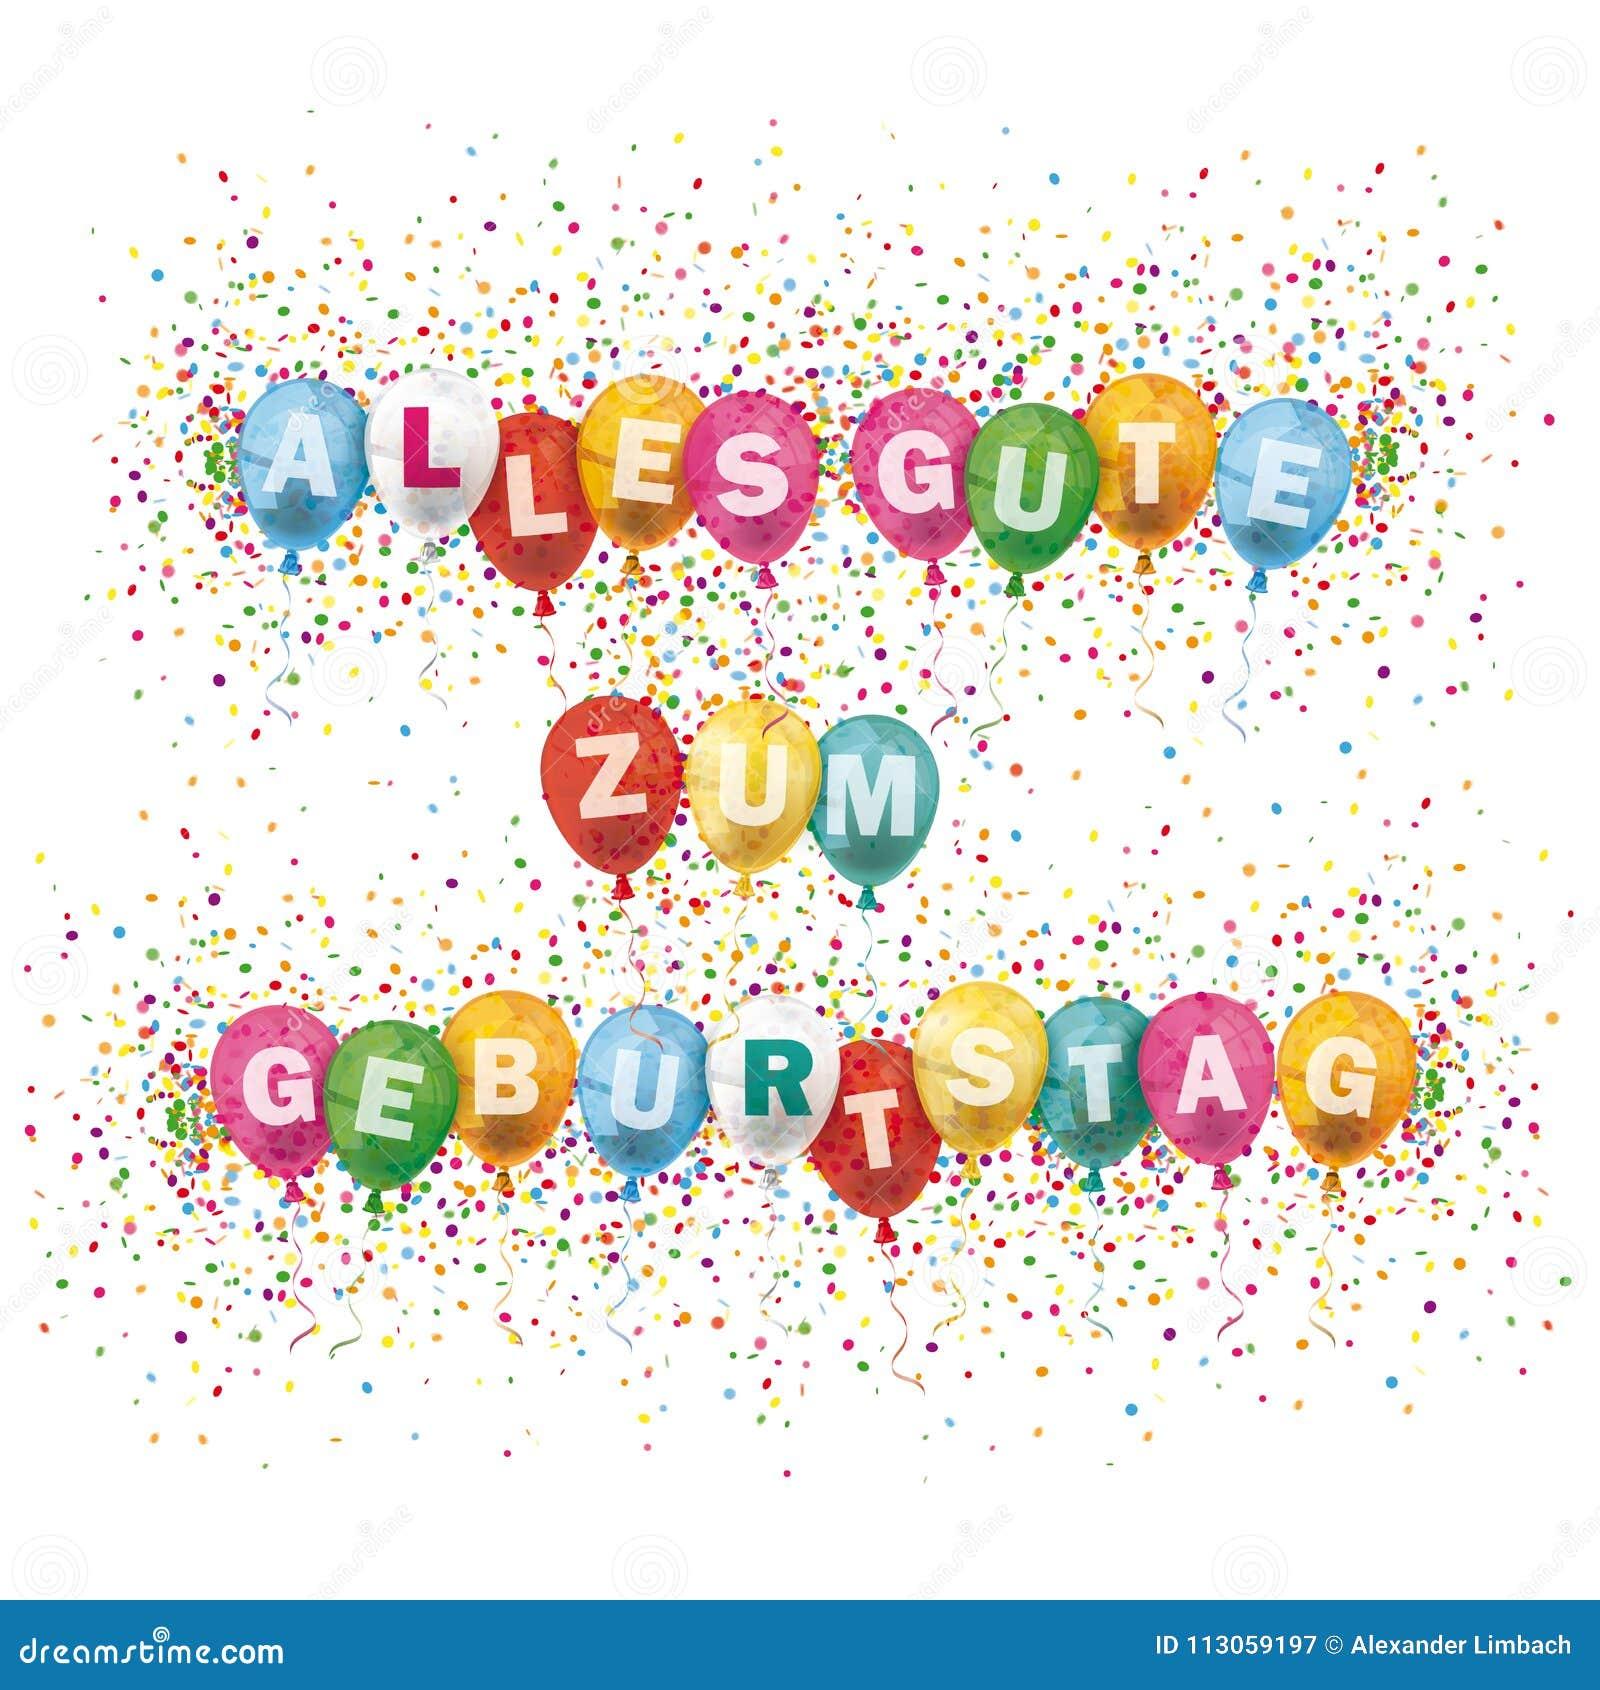 La Couverture D Alles Gute Geburtstag Coloree Monte En Ballon L